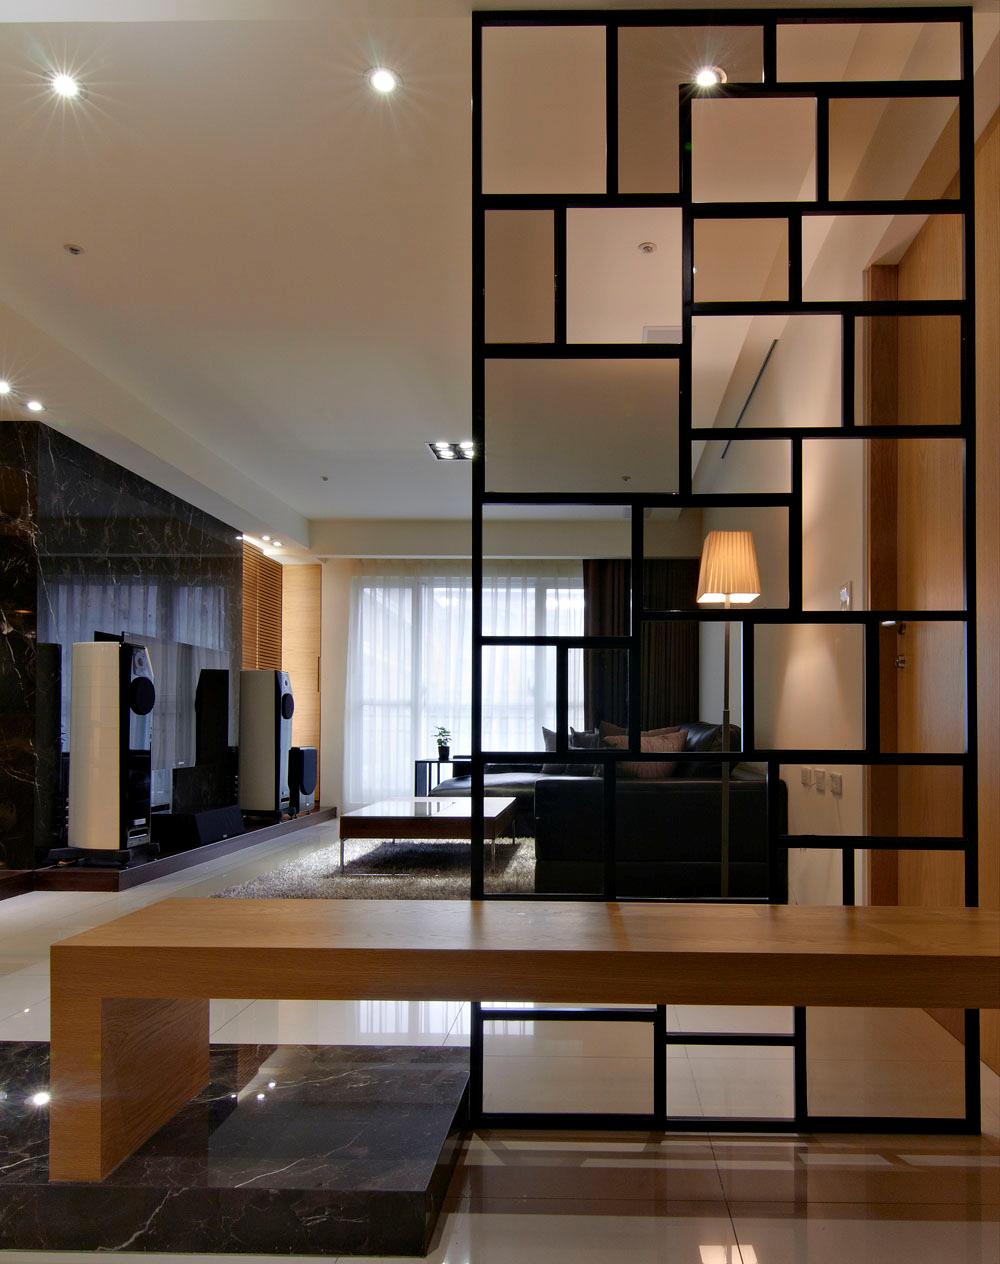 google pinterest. Black Bedroom Furniture Sets. Home Design Ideas